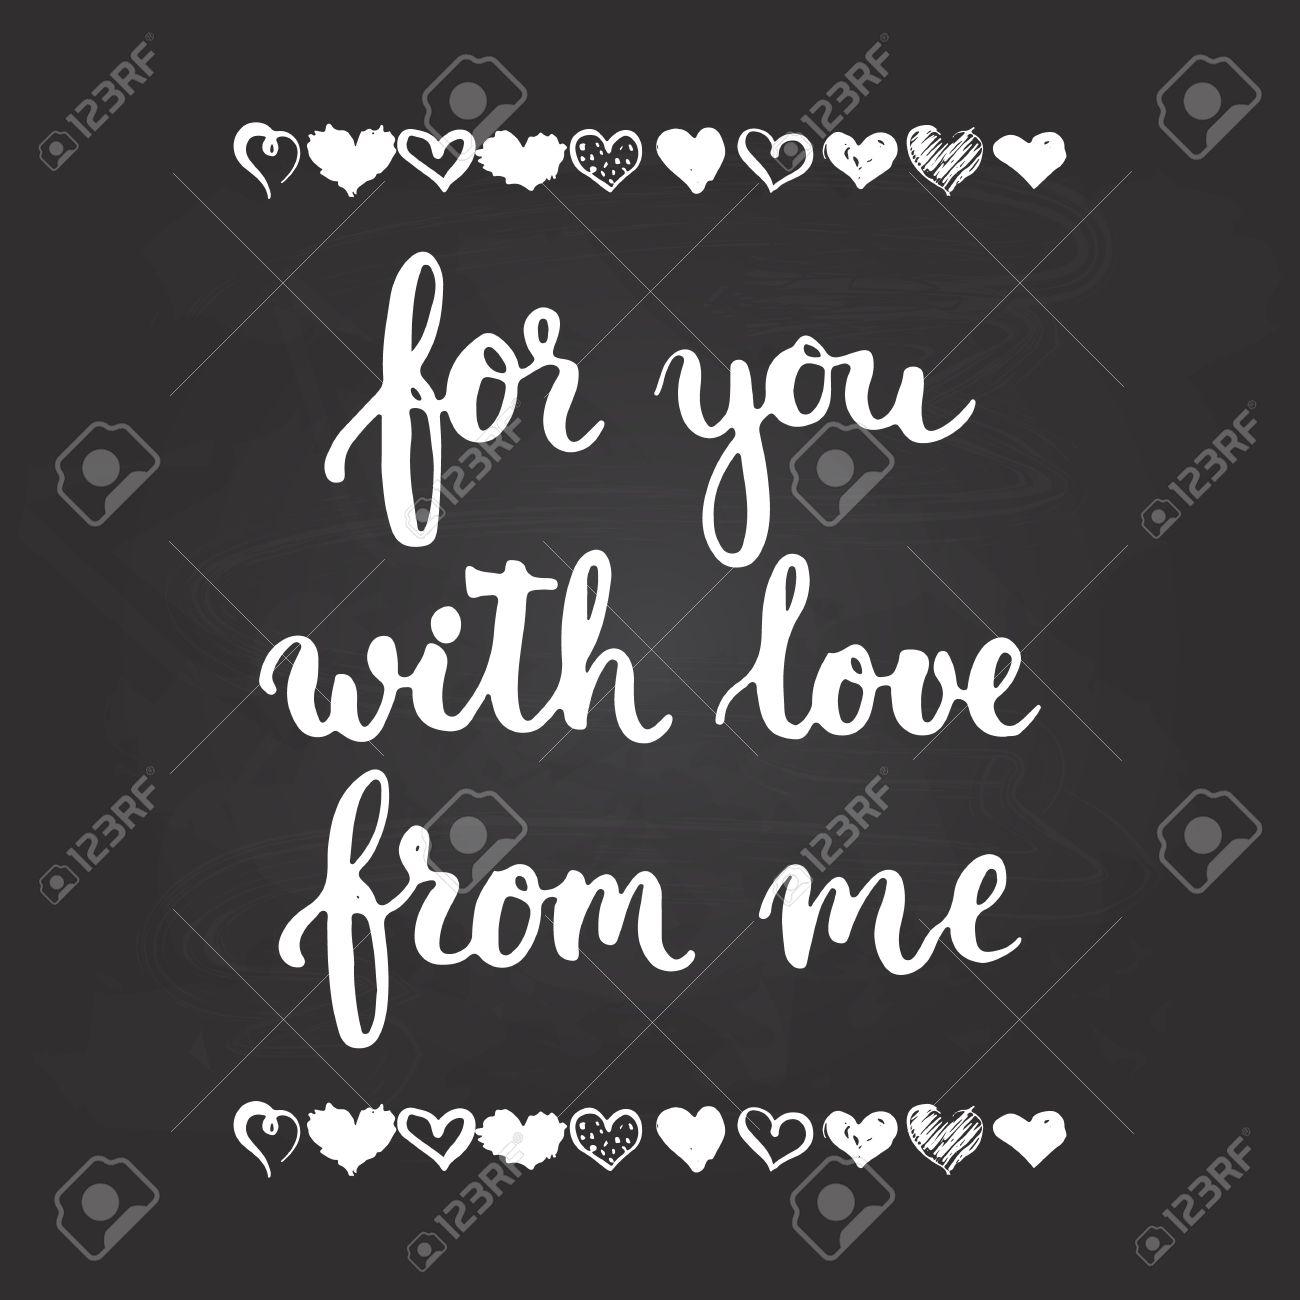 Conjunto De Frases Dibujadas A Mano Sobre El Amor Para Ti De Mí Con Amor En El Fondo De La Pizarra Foto Superpone Signos Boda álbum De Fotos Y